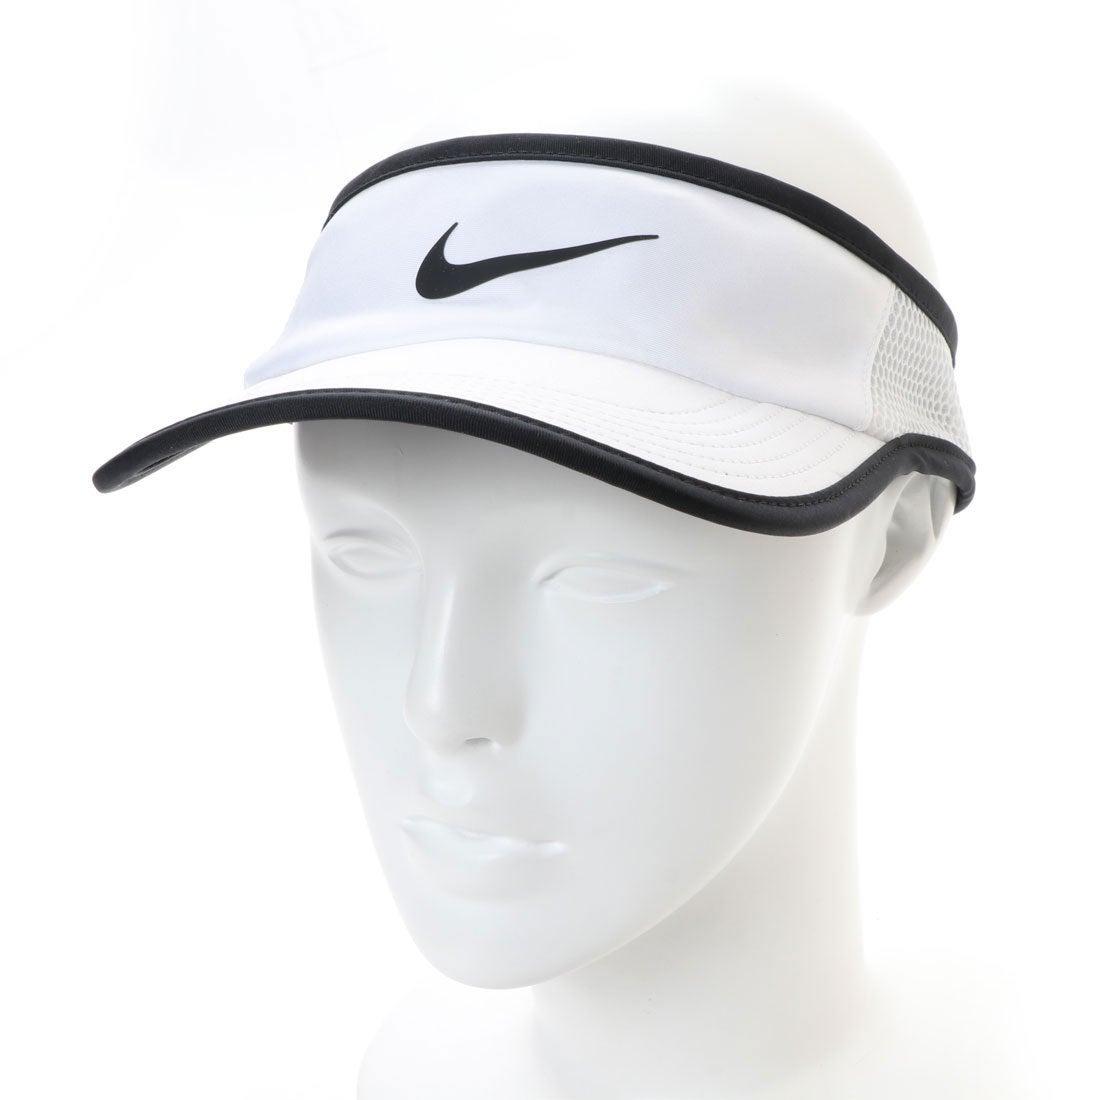 ナイキ NIKE テニス サンバイザー ナイキコート エアロビル フェザーライト アジャスタブル バイザー 899654101 レディース メンズ